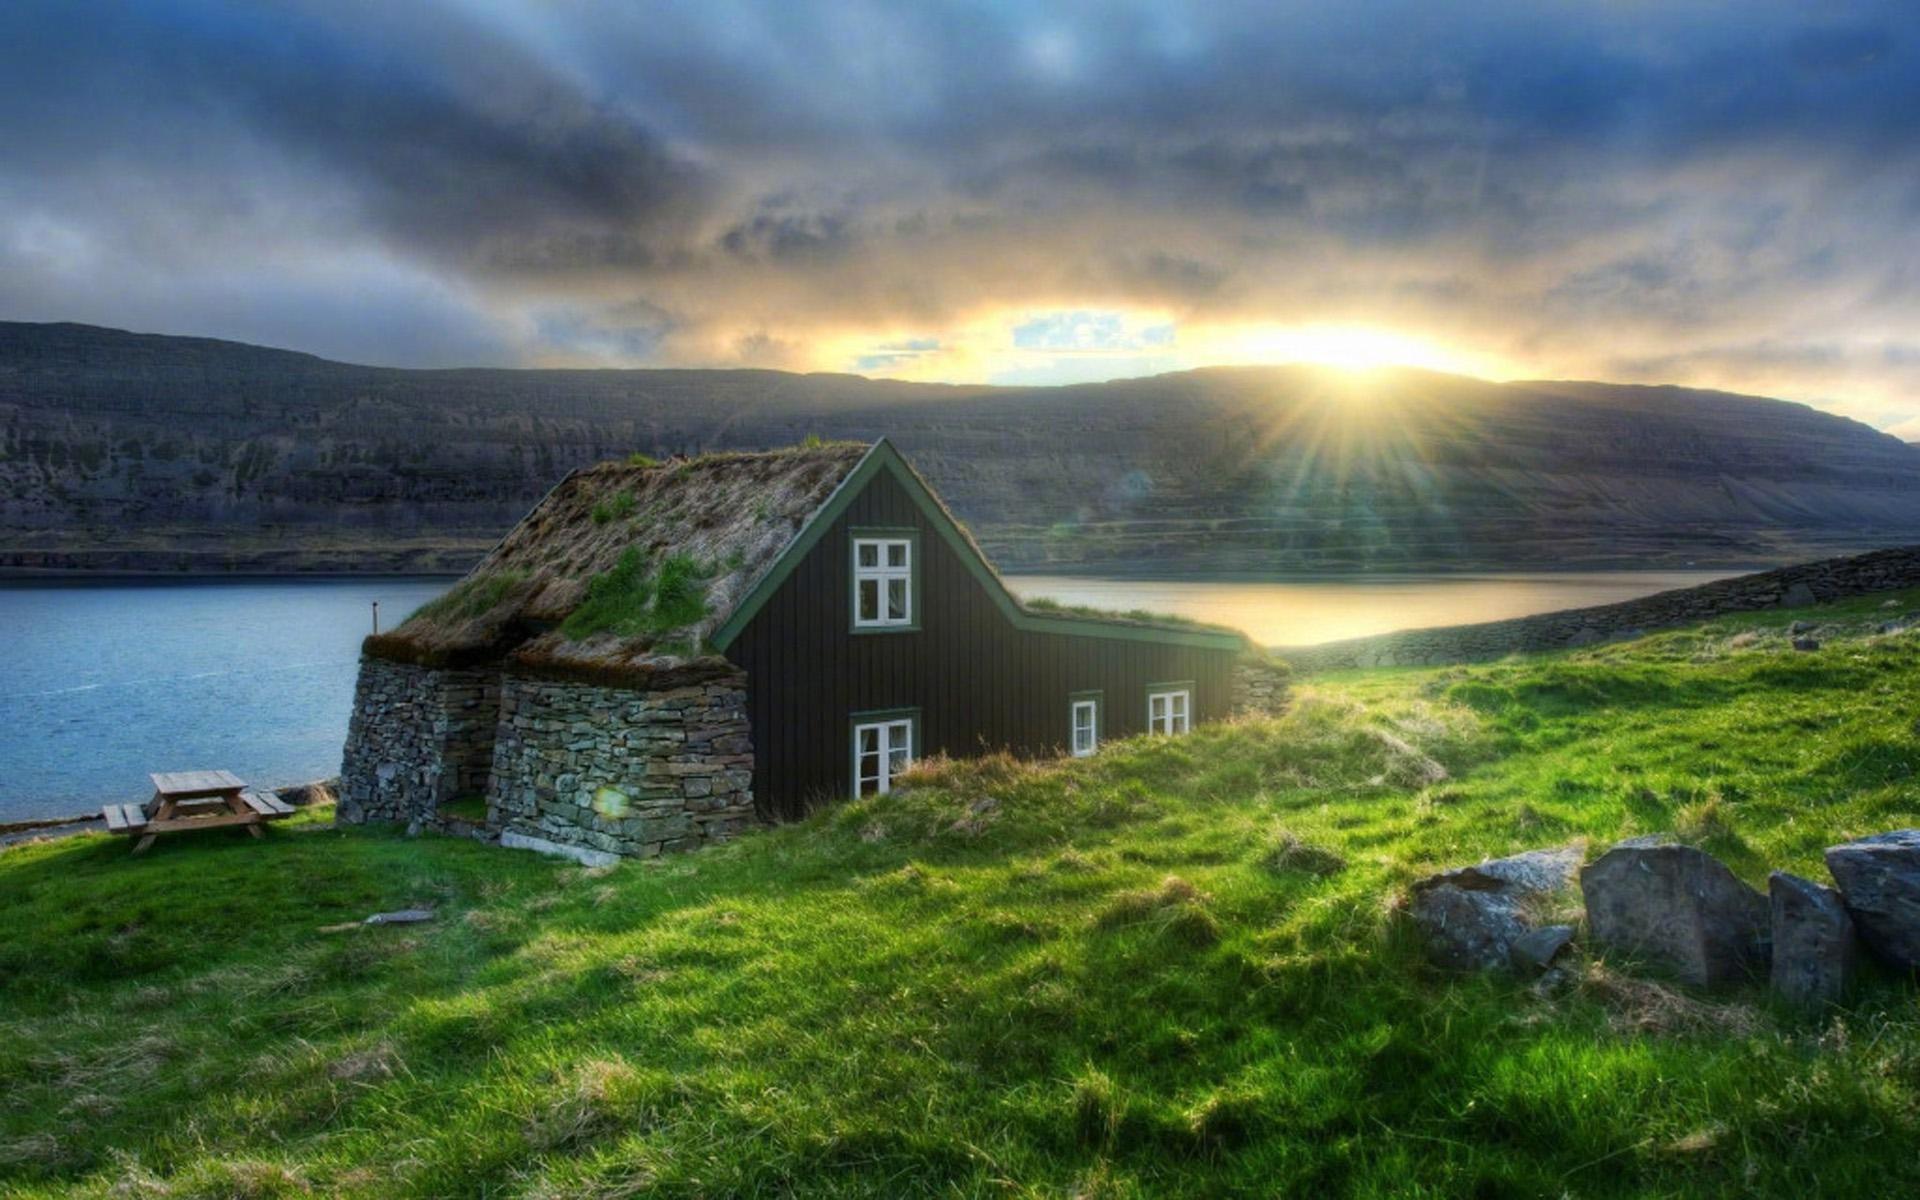 大自然清新美丽风景图片桌面壁纸